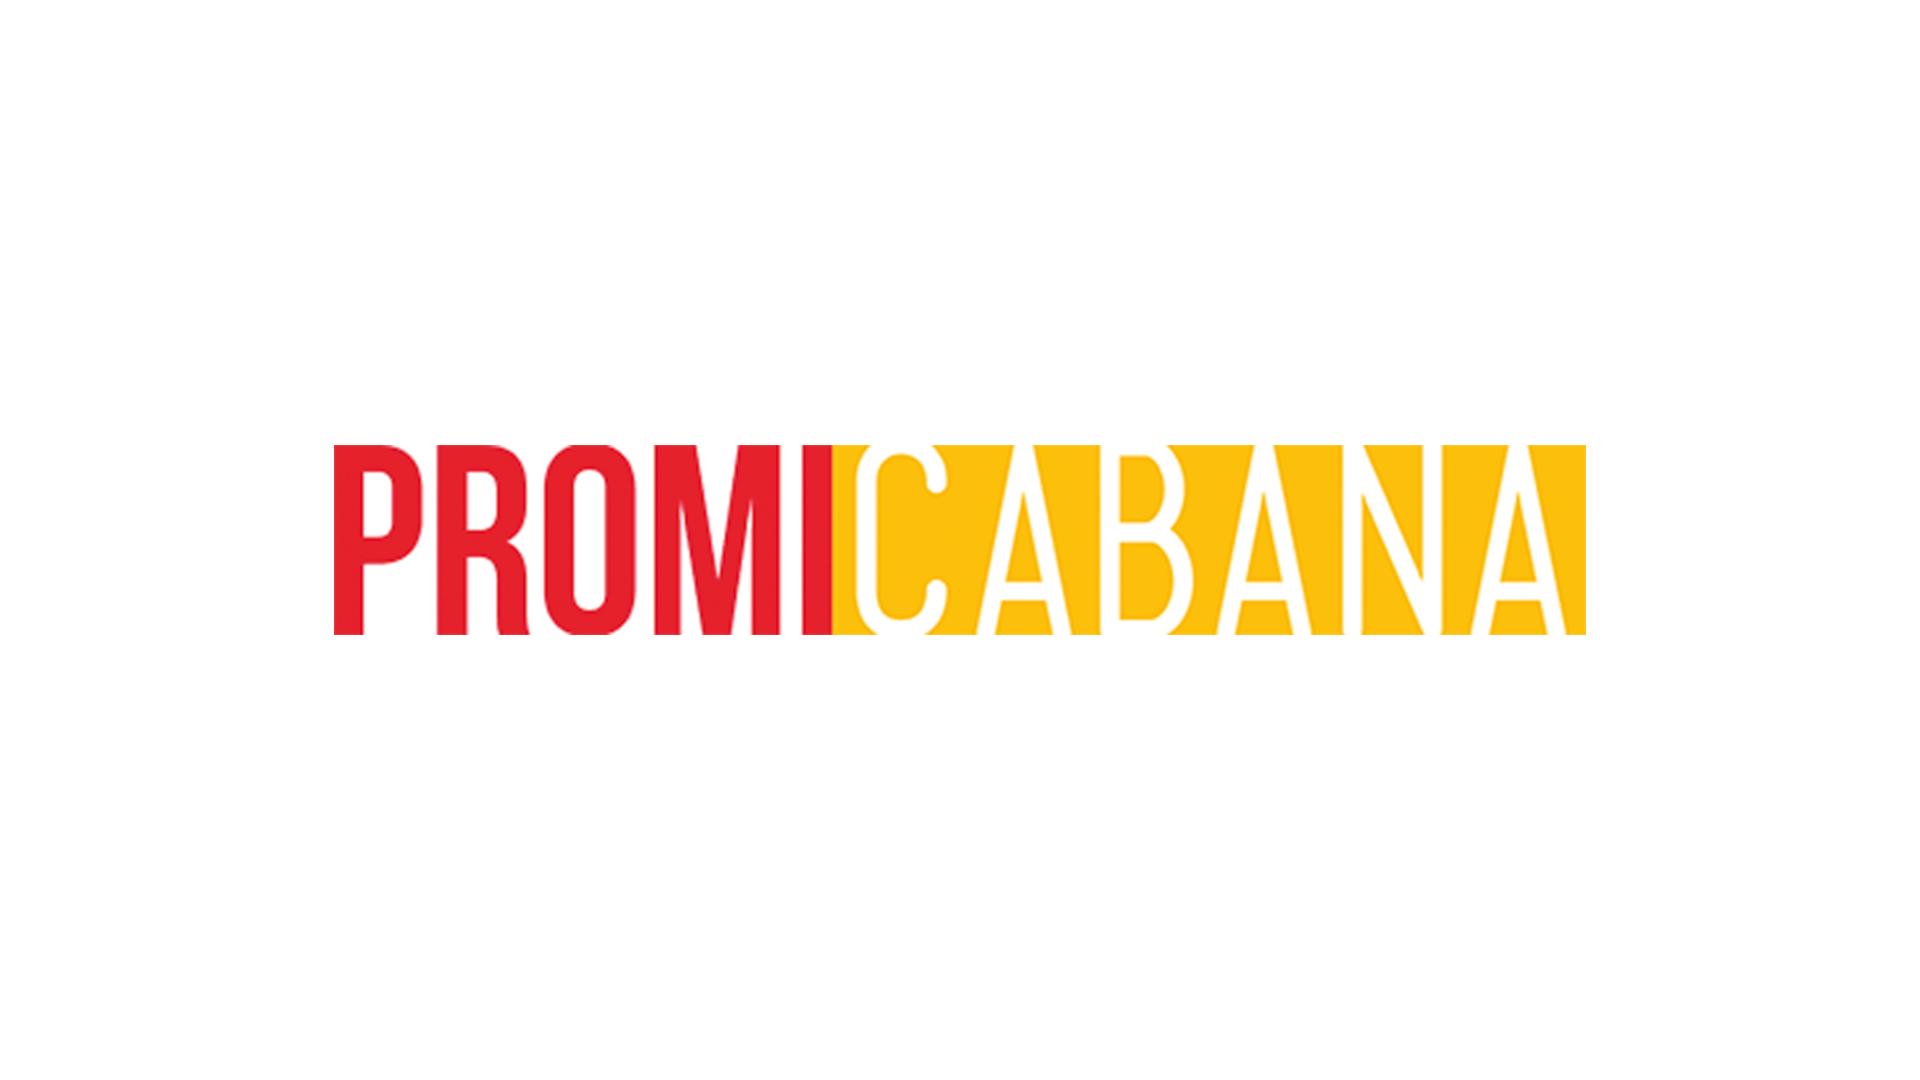 bestbezahlten-Musiker-2012-Spears-Bieber-Swift-Rihanna